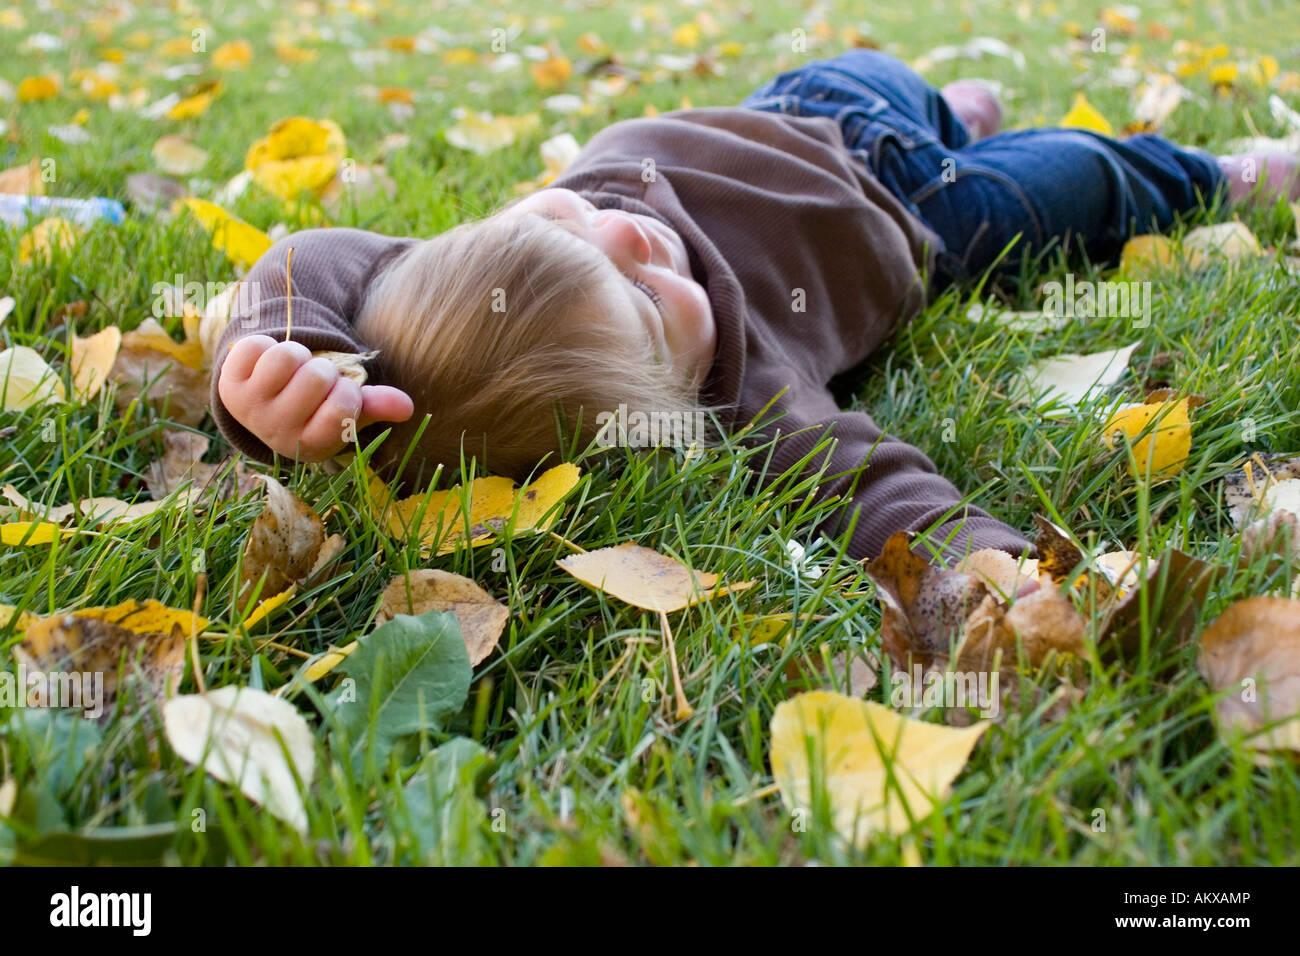 junge liegend auf dem rasen im bett bl tter tr umen stockfoto bild 15087765 alamy. Black Bedroom Furniture Sets. Home Design Ideas